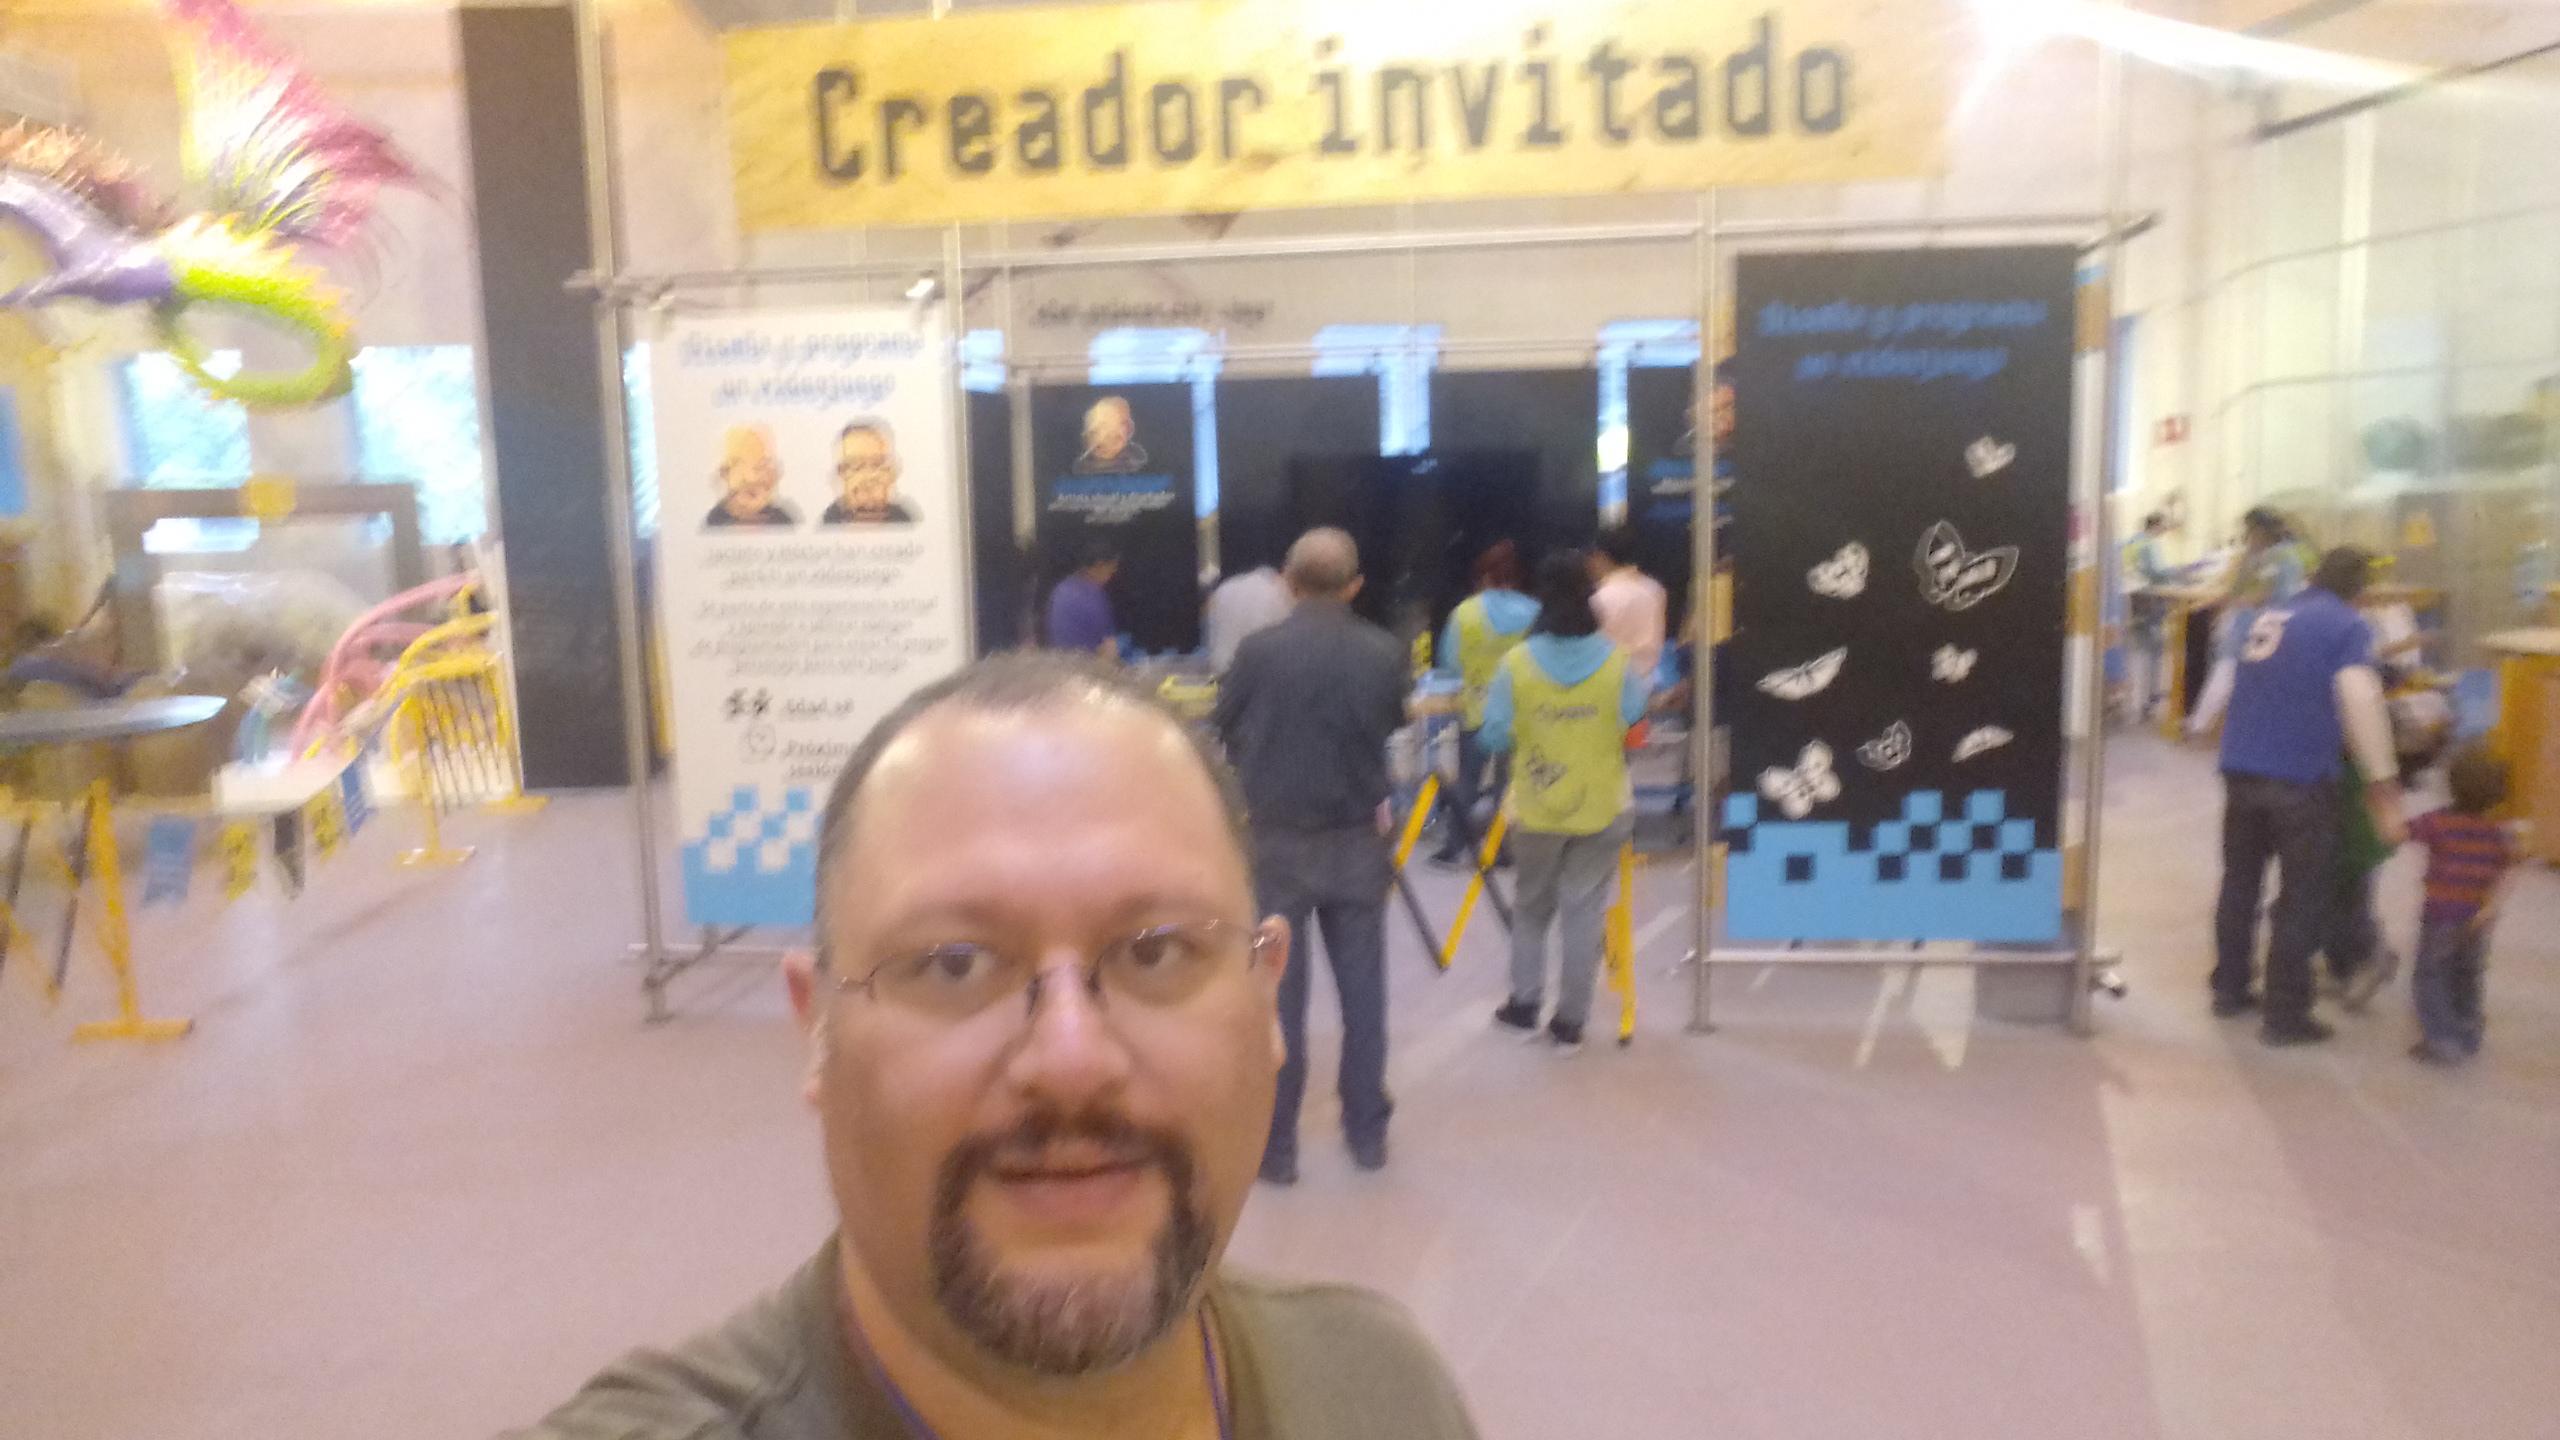 Creador invitado en el Museo Papalote MX